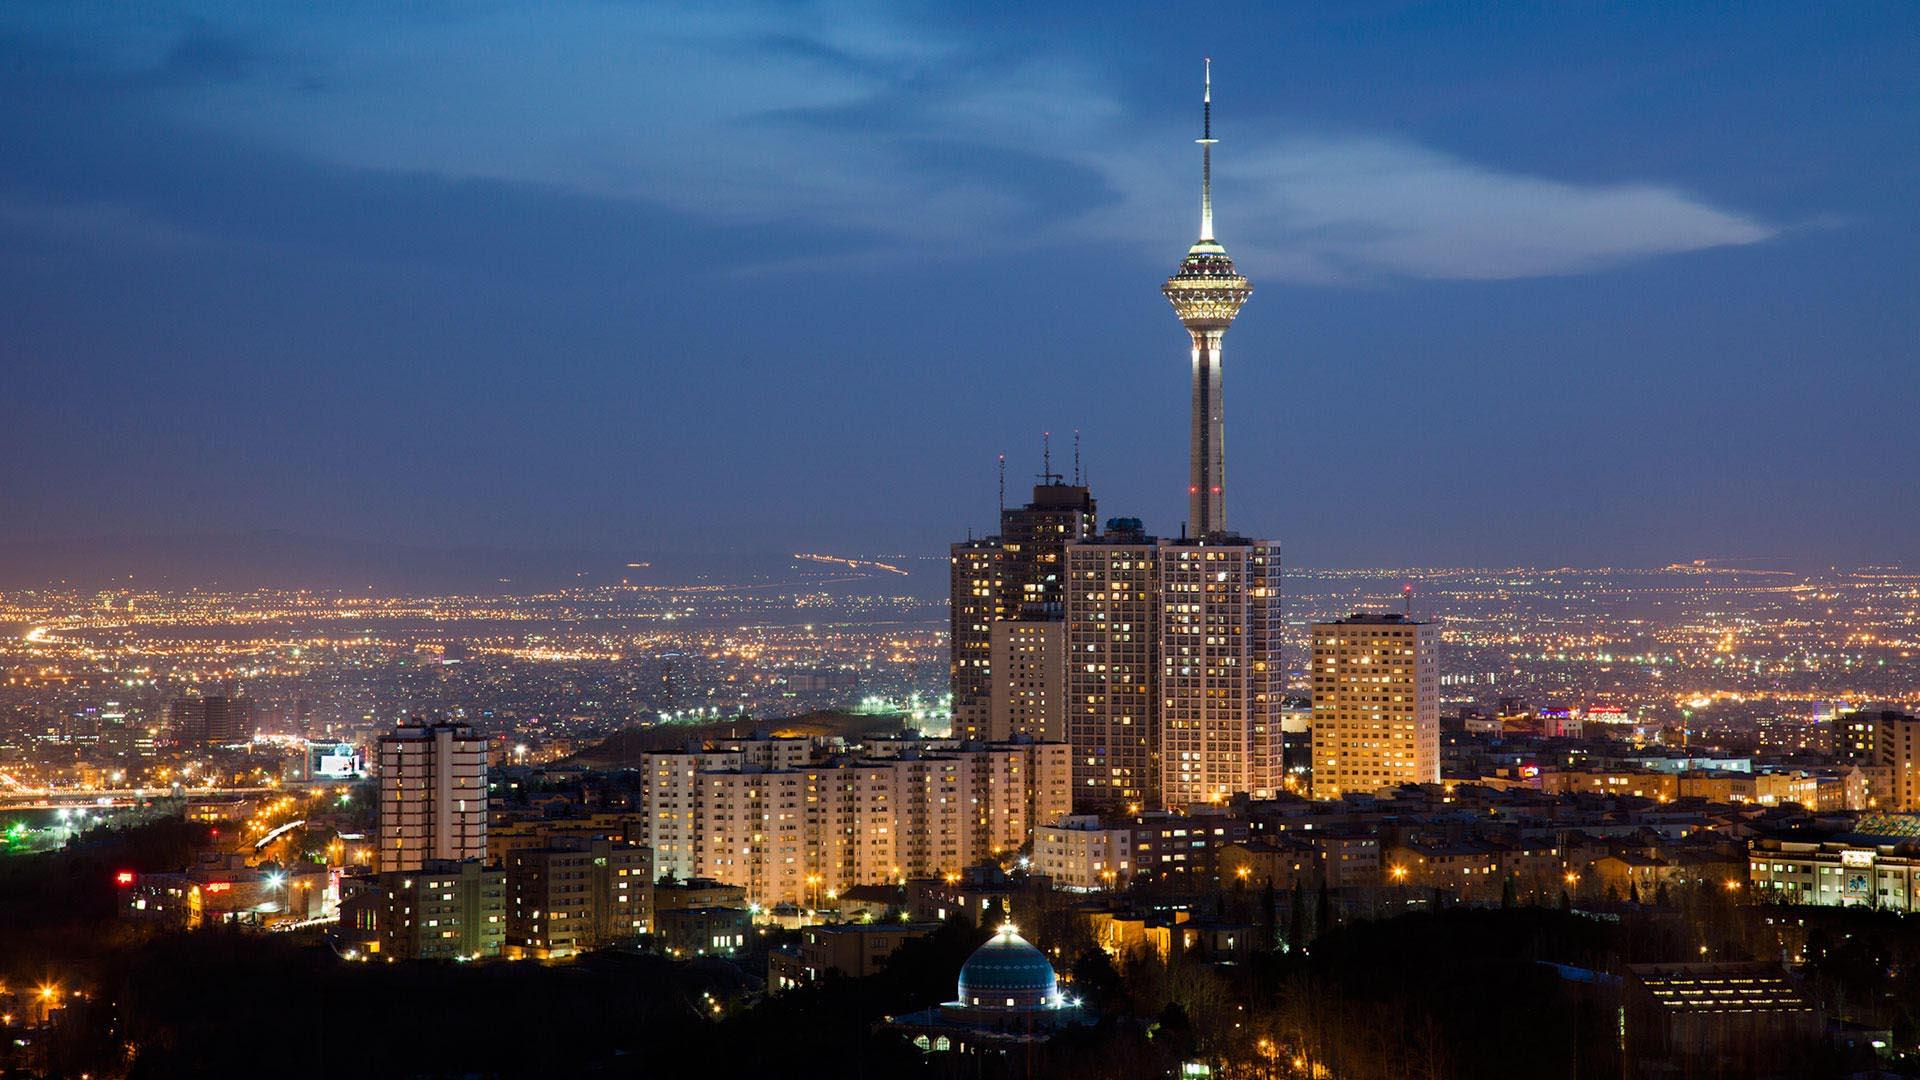 اجاره آپارتمان مبله چند روزه در تهران | ارزان جا